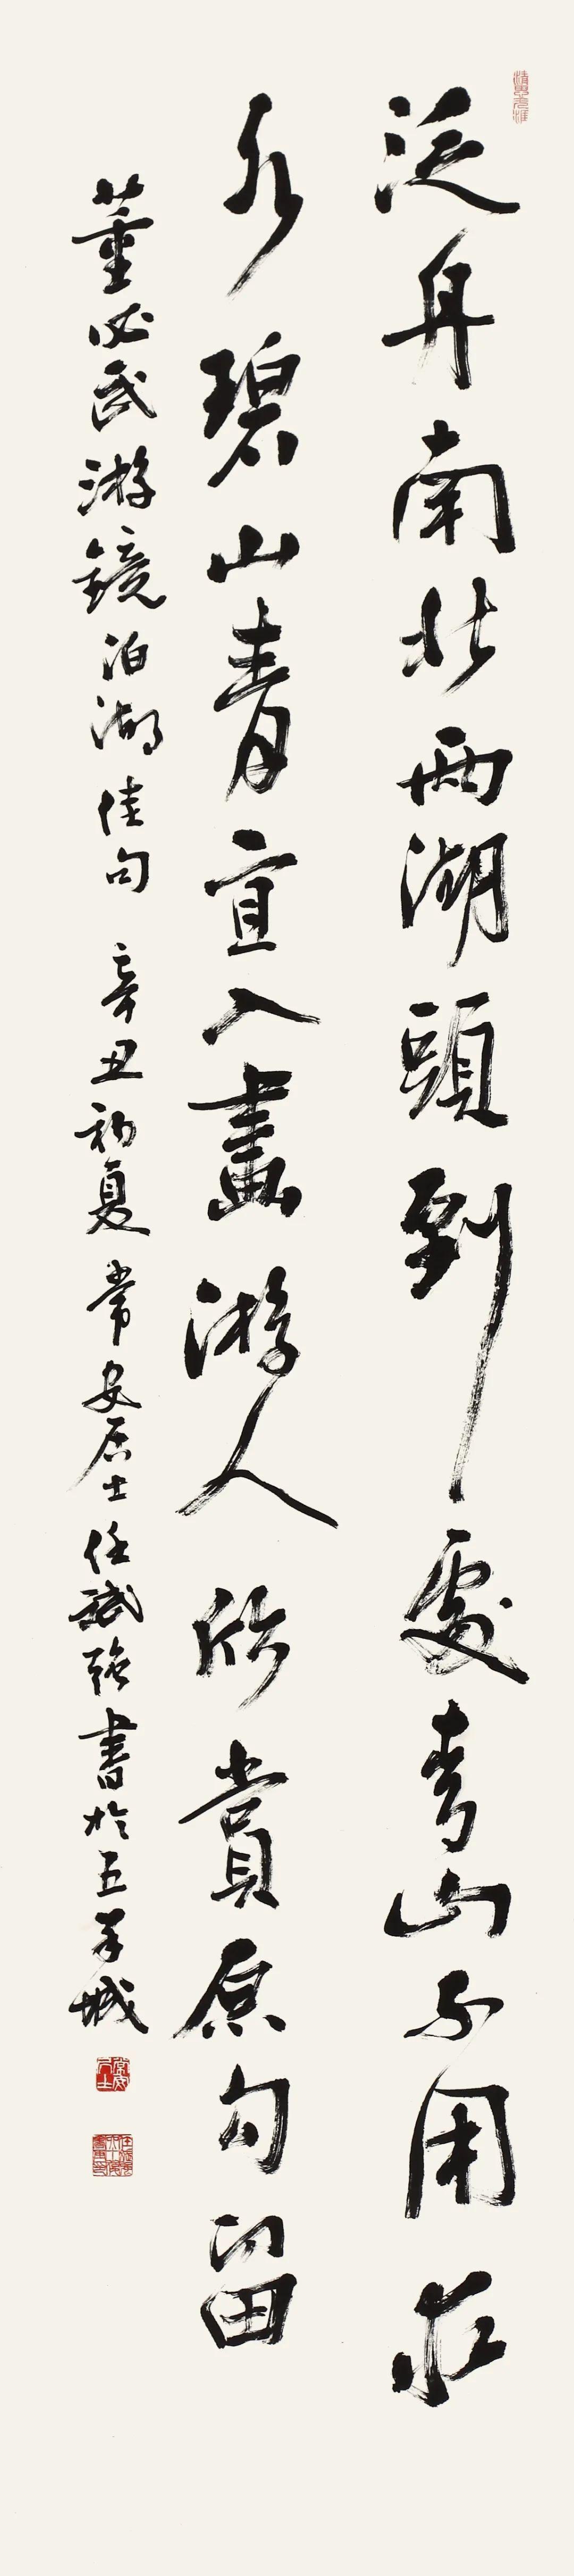 广东省书法家协会会员、广州市书法家协会副主席、广州羊城书法研究会副会长任斌强